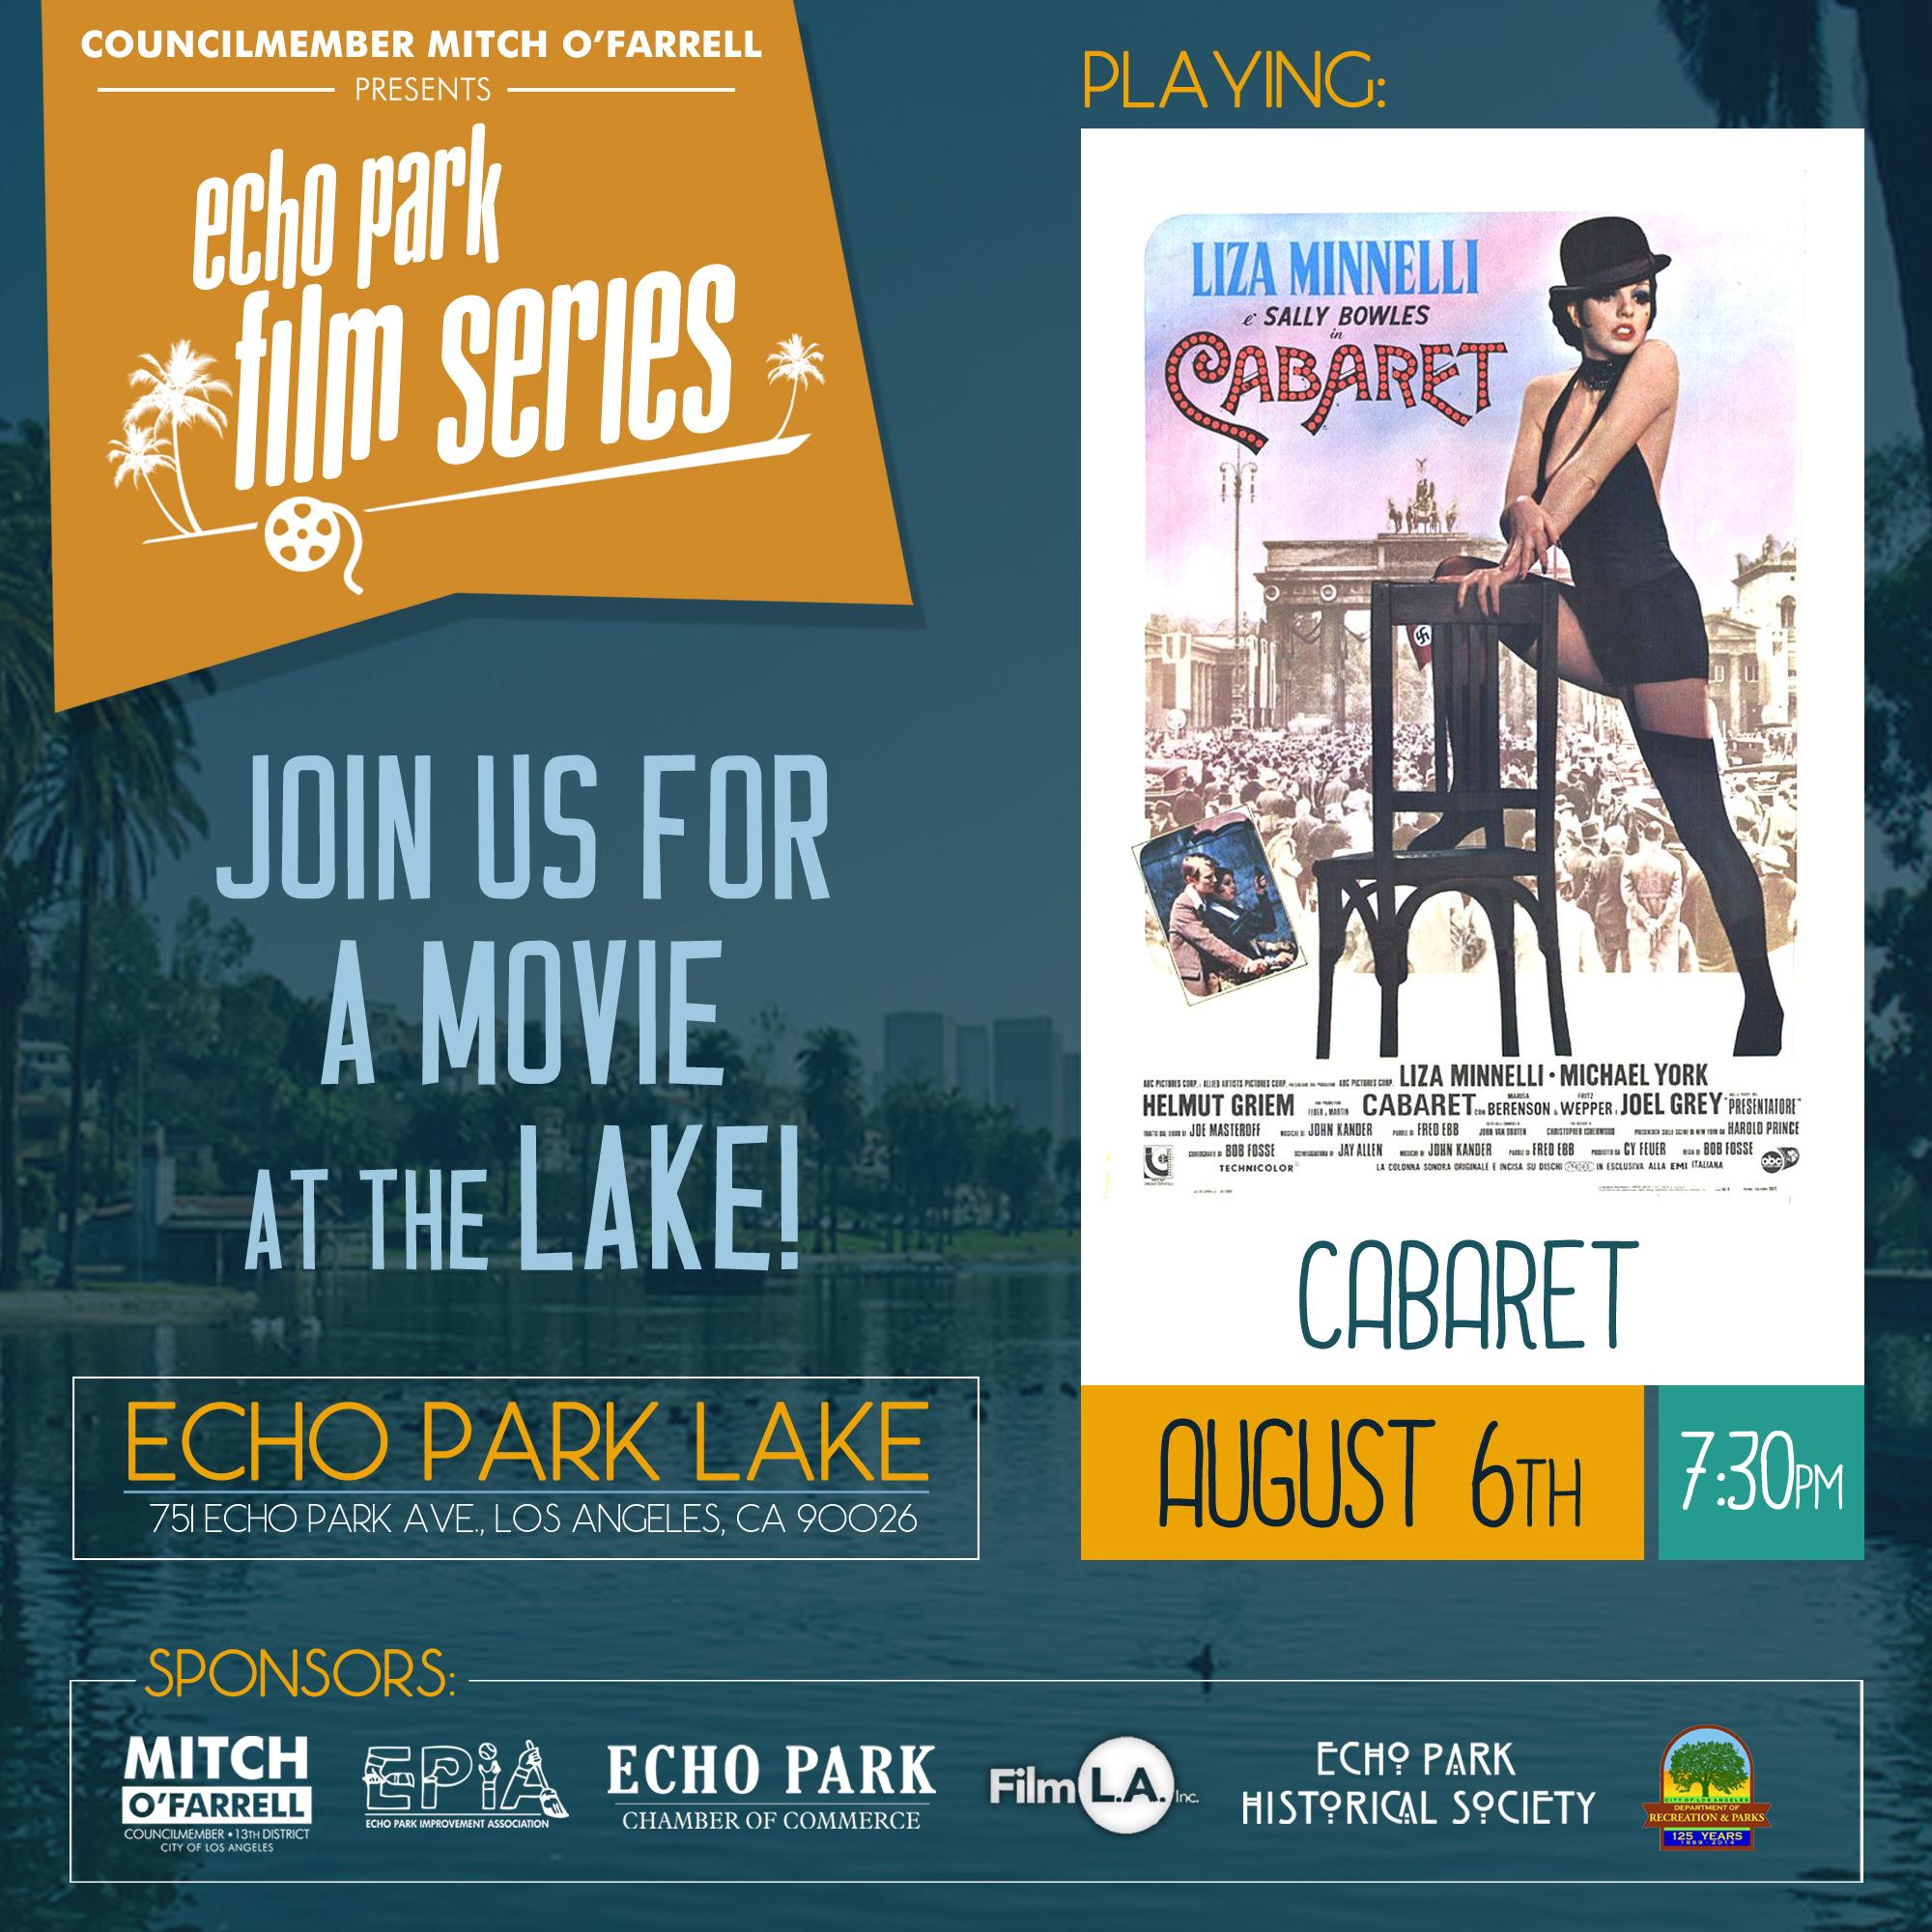 Echo_Park_Film_Series_-_Cabaret_(Social_Media).jpg